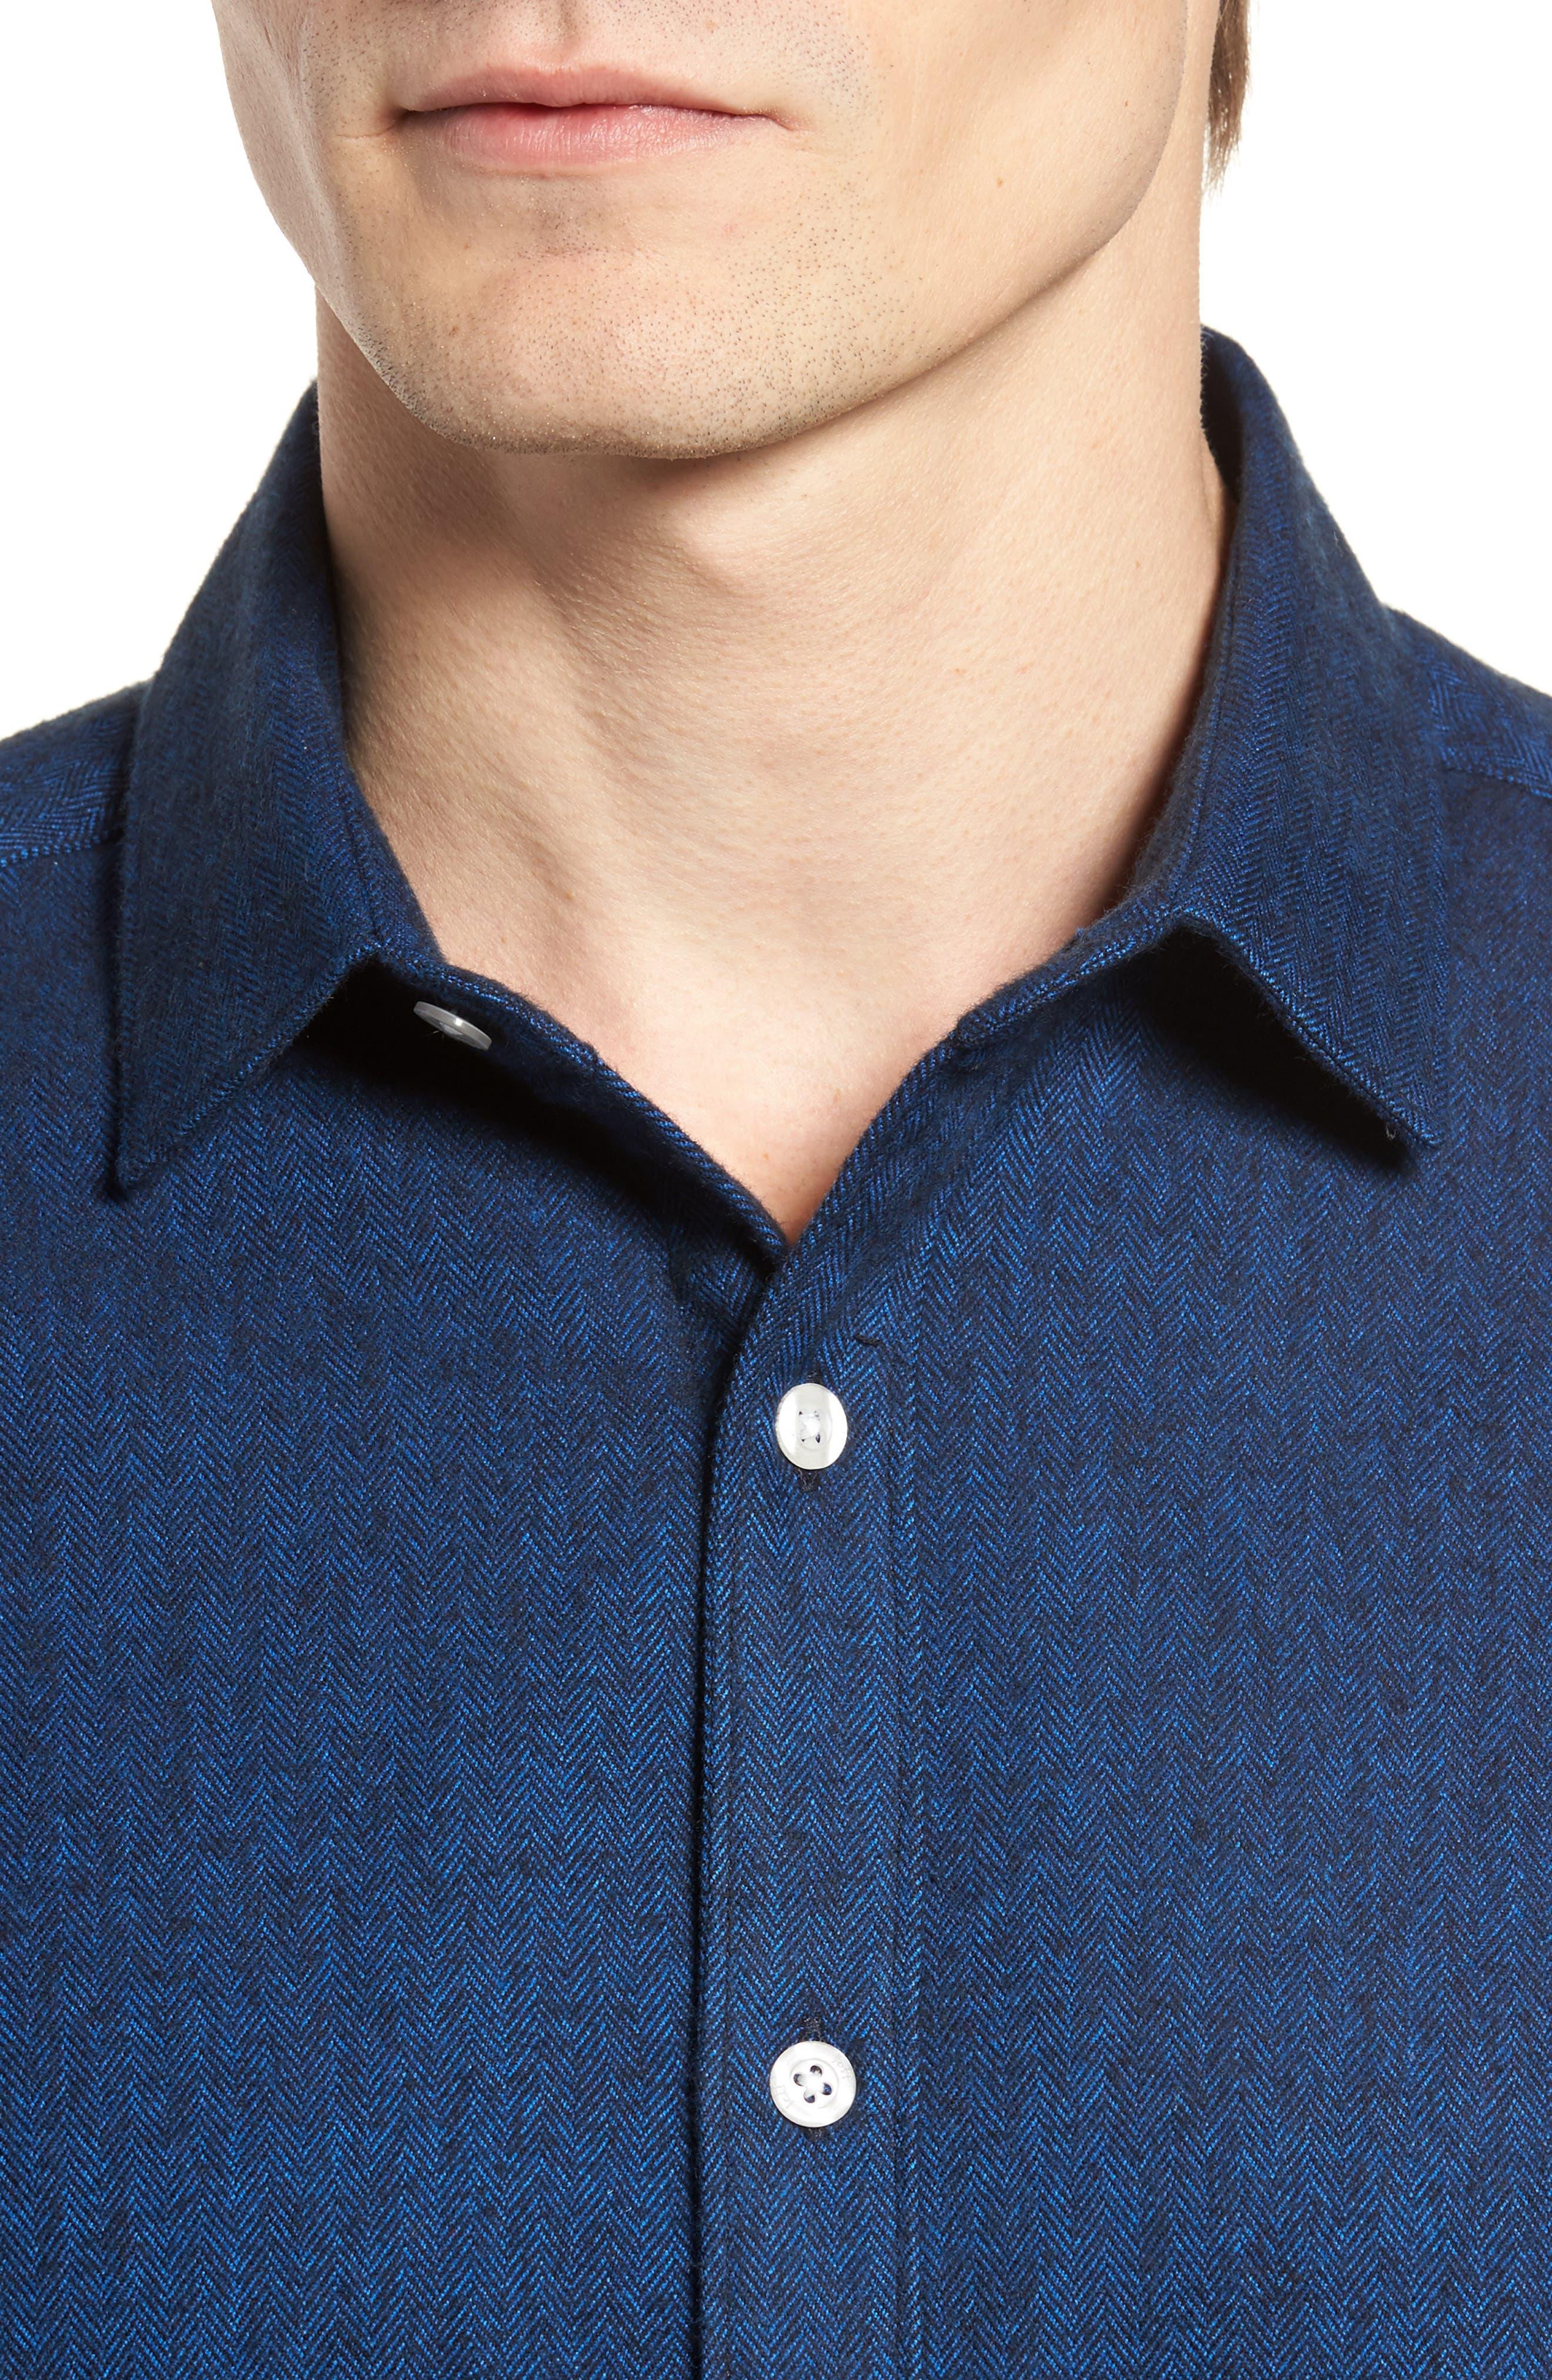 Grafton Slim Fit Herringbone Sport Shirt,                             Alternate thumbnail 4, color,                             410